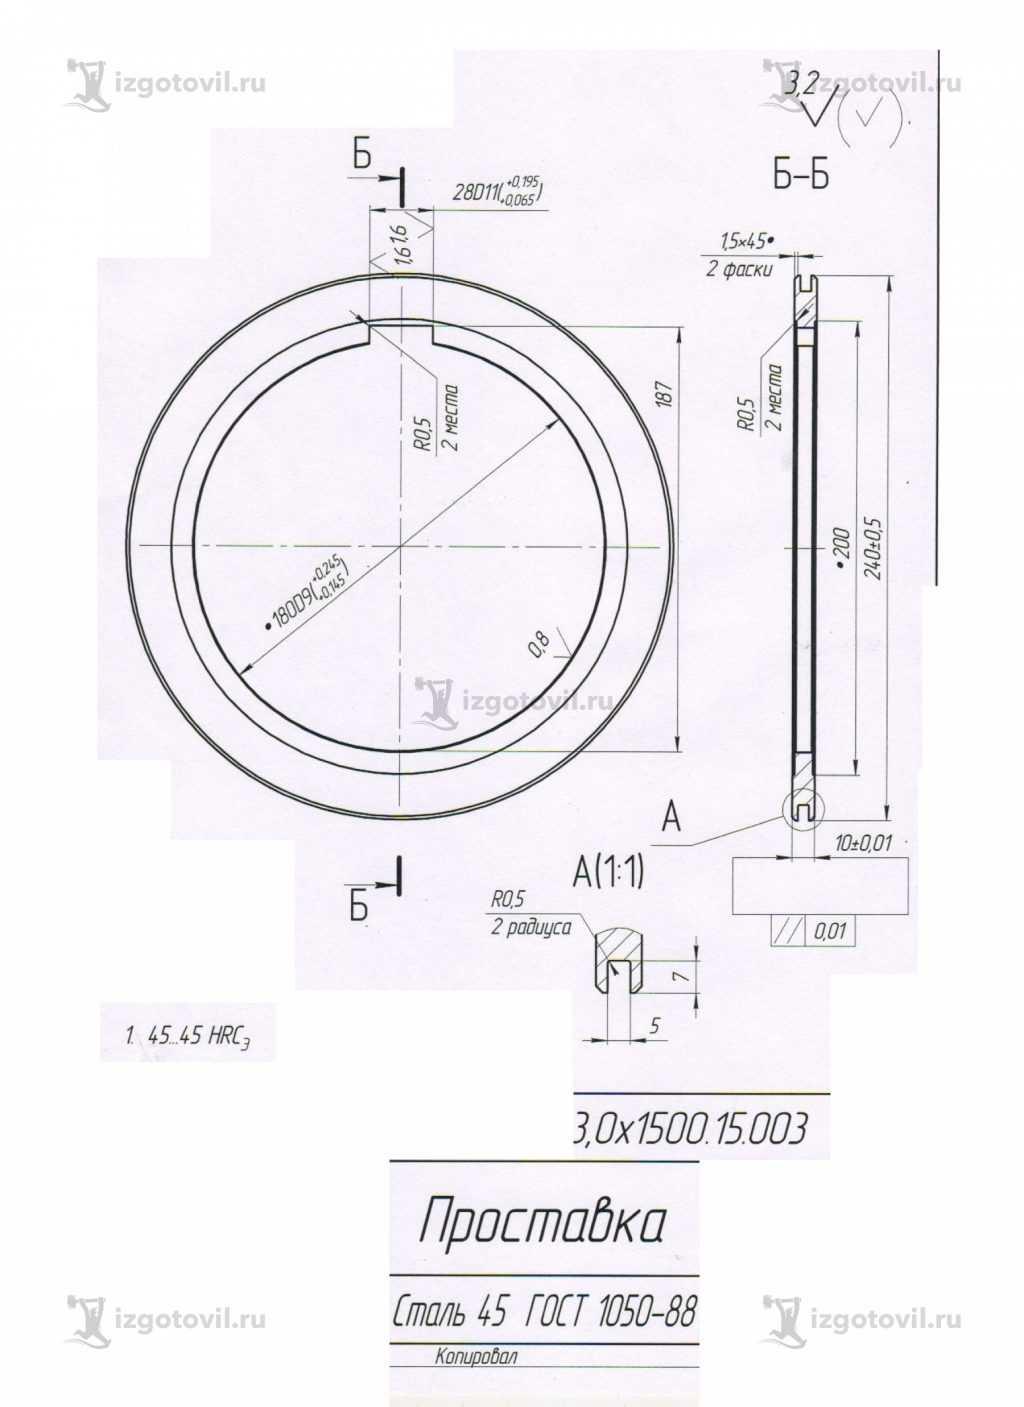 Изготовление деталей на заказ - изготовление съемника